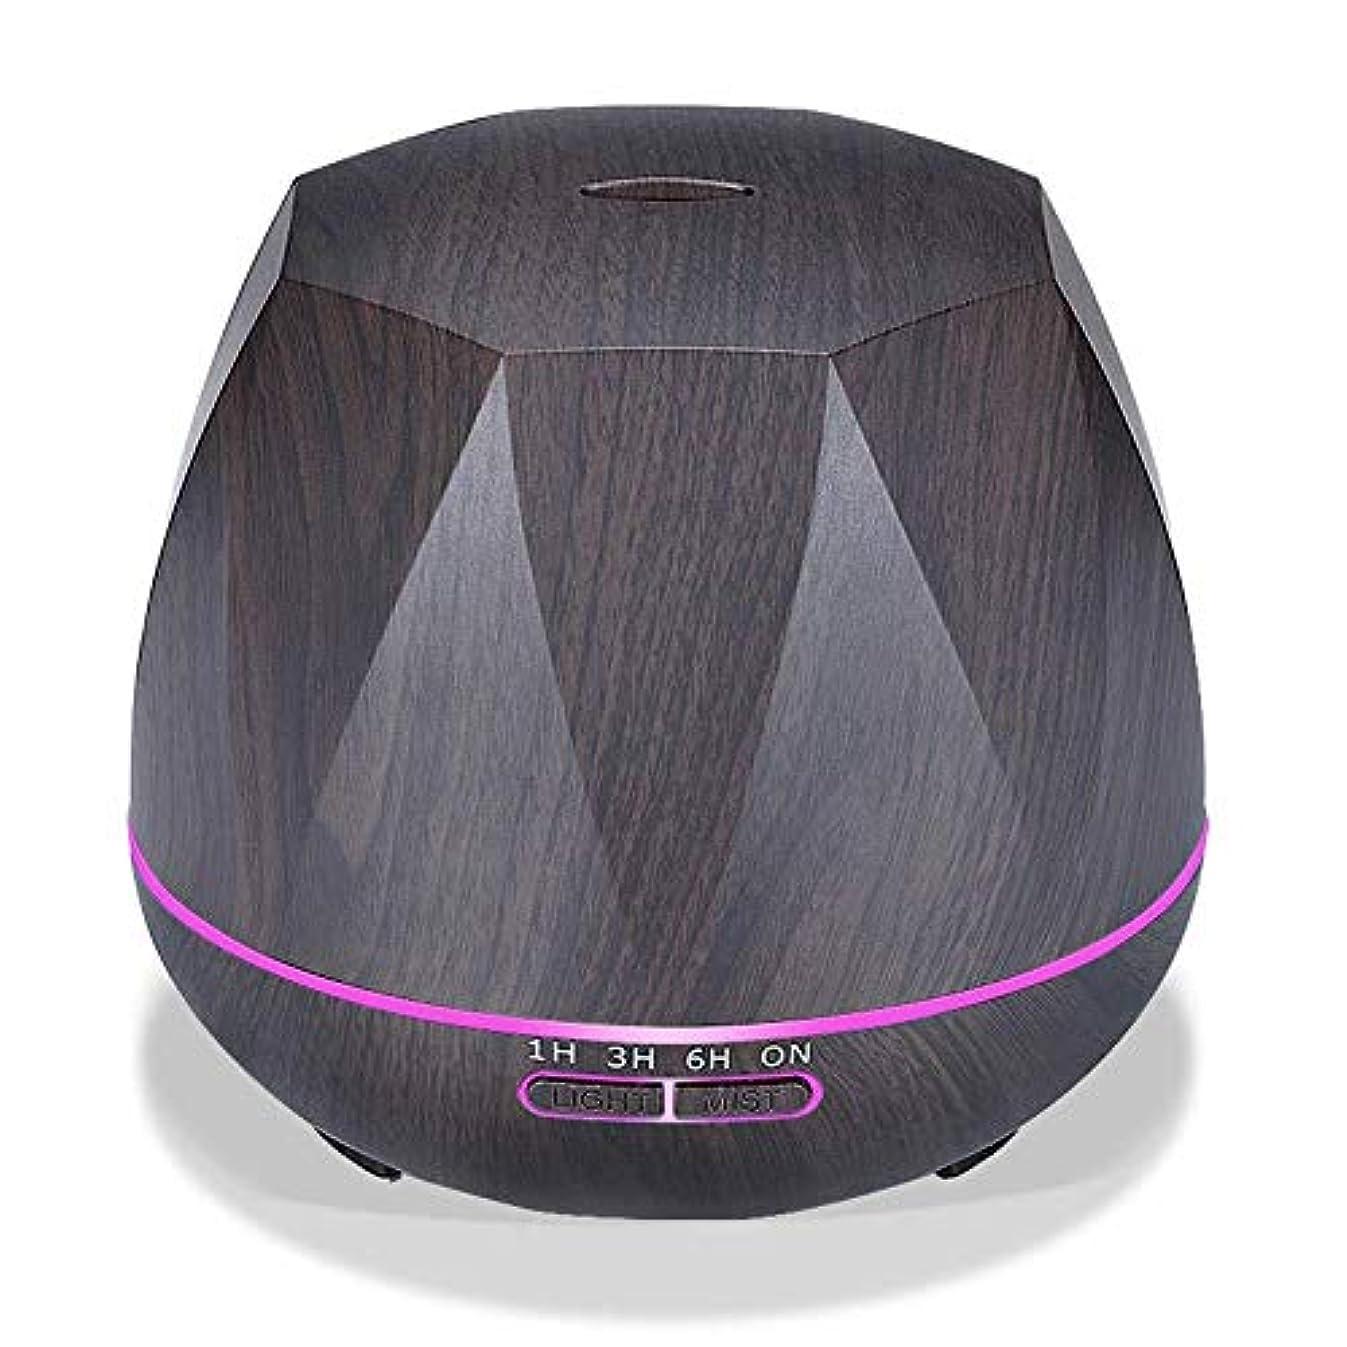 に変わる干渉スチール木目 涼しい霧 加湿器,7 色 空気を浄化 加湿機 時間 デスクトップ 精油 ディフューザー アロマネブライザー Yoga ベッド 寮- 300ml